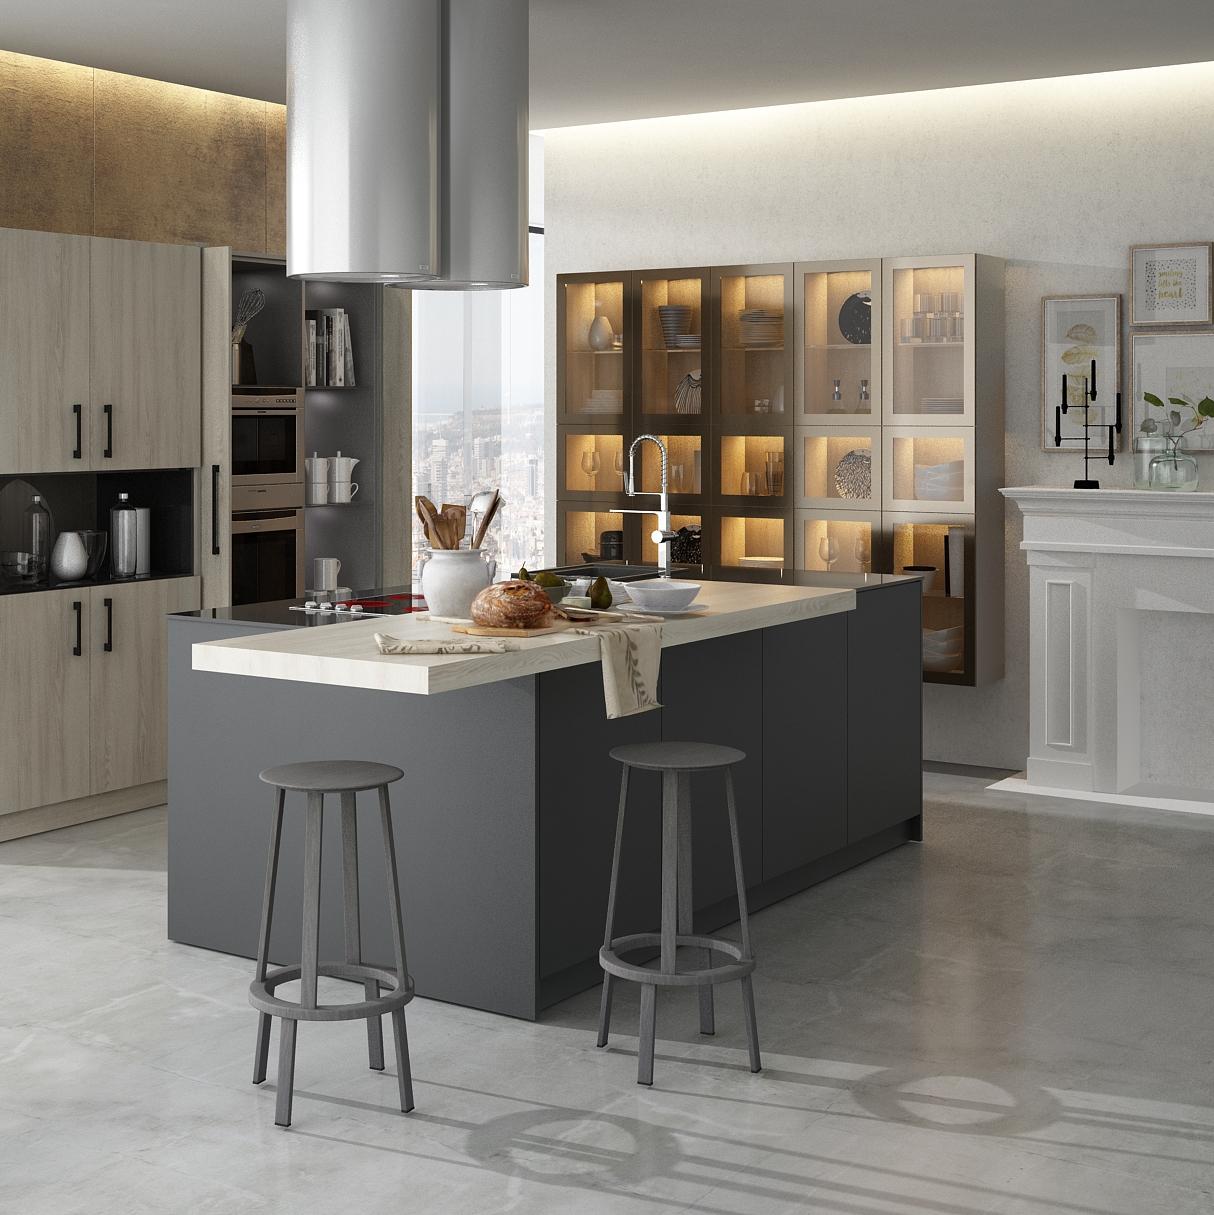 Cocina con puertas escamoteables dise o e instalaci n de for Comprar cocinas en madrid